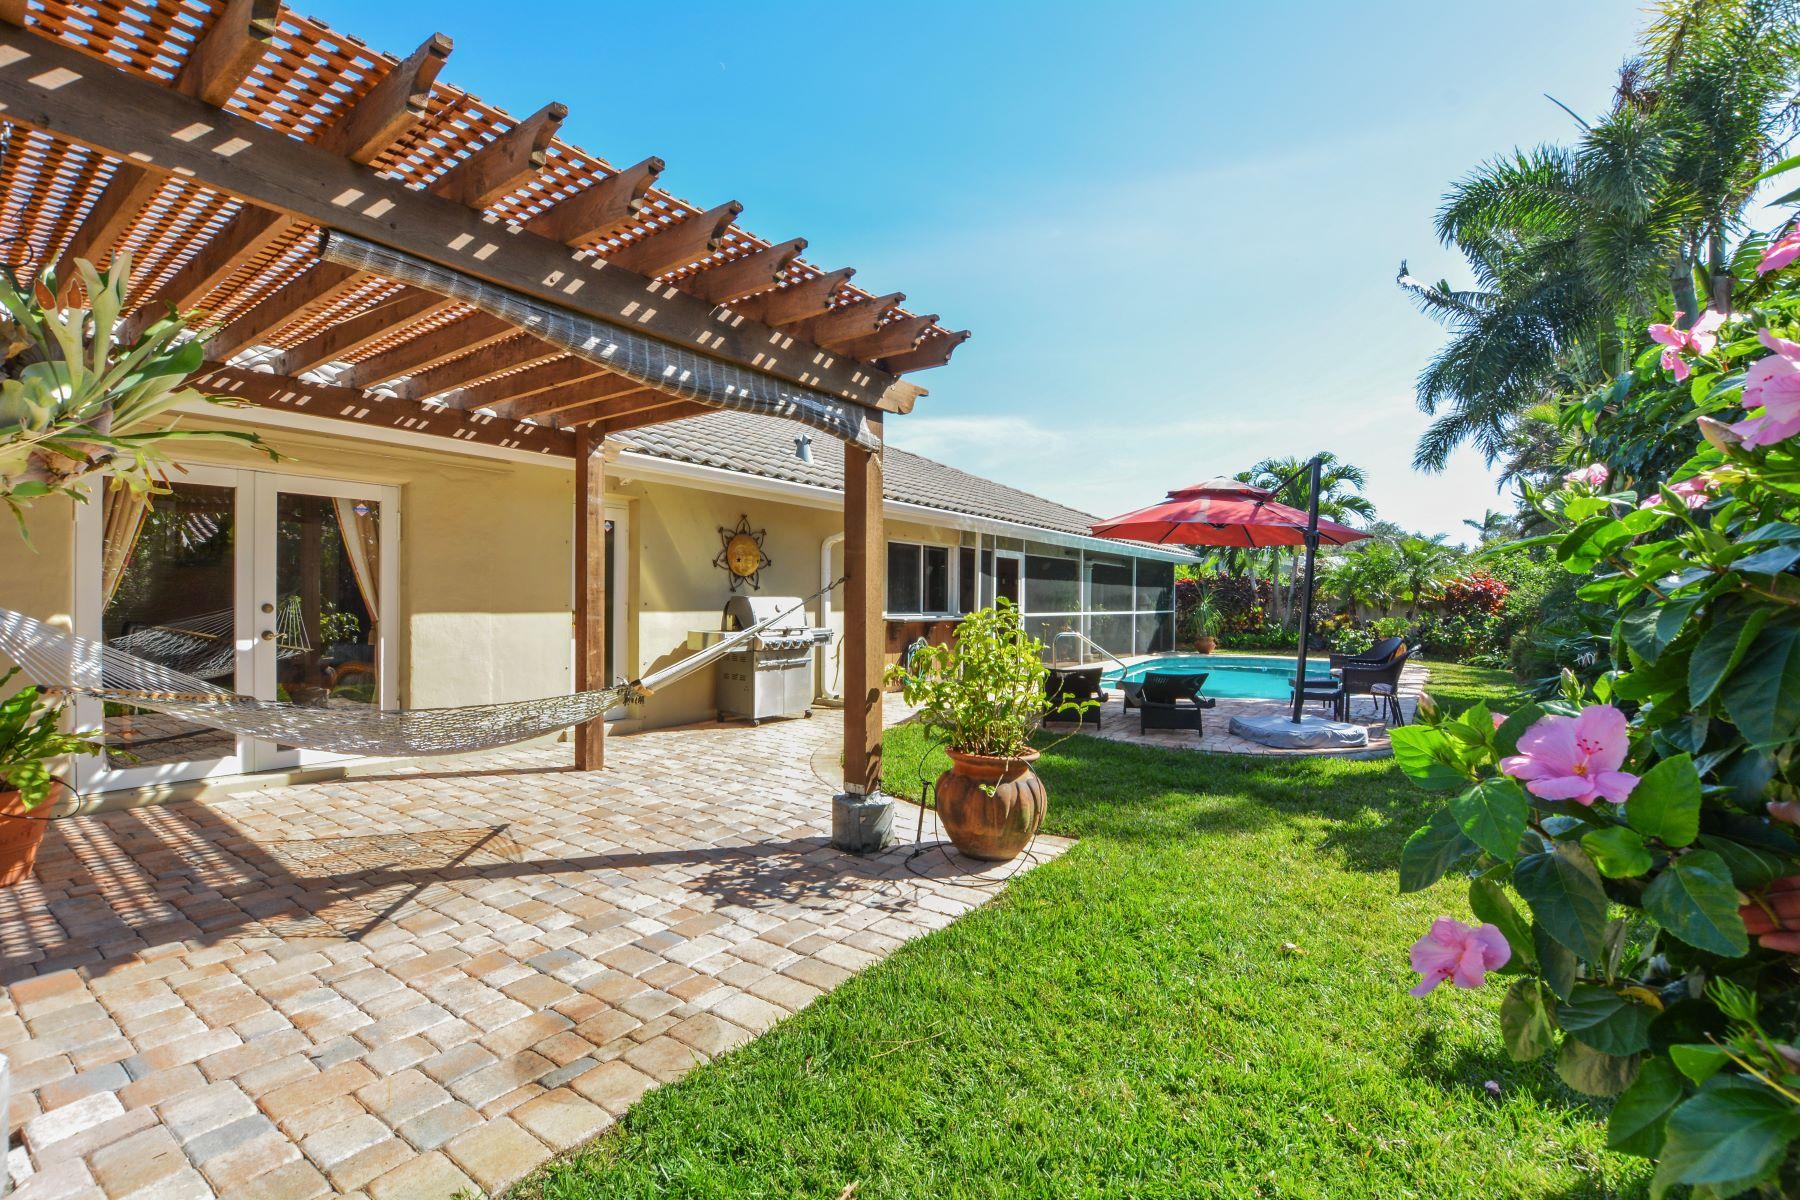 단독 가정 주택 용 매매 에 4515 Ne 22nd Rd Fort Lauderdale, 플로리다, 33308 미국